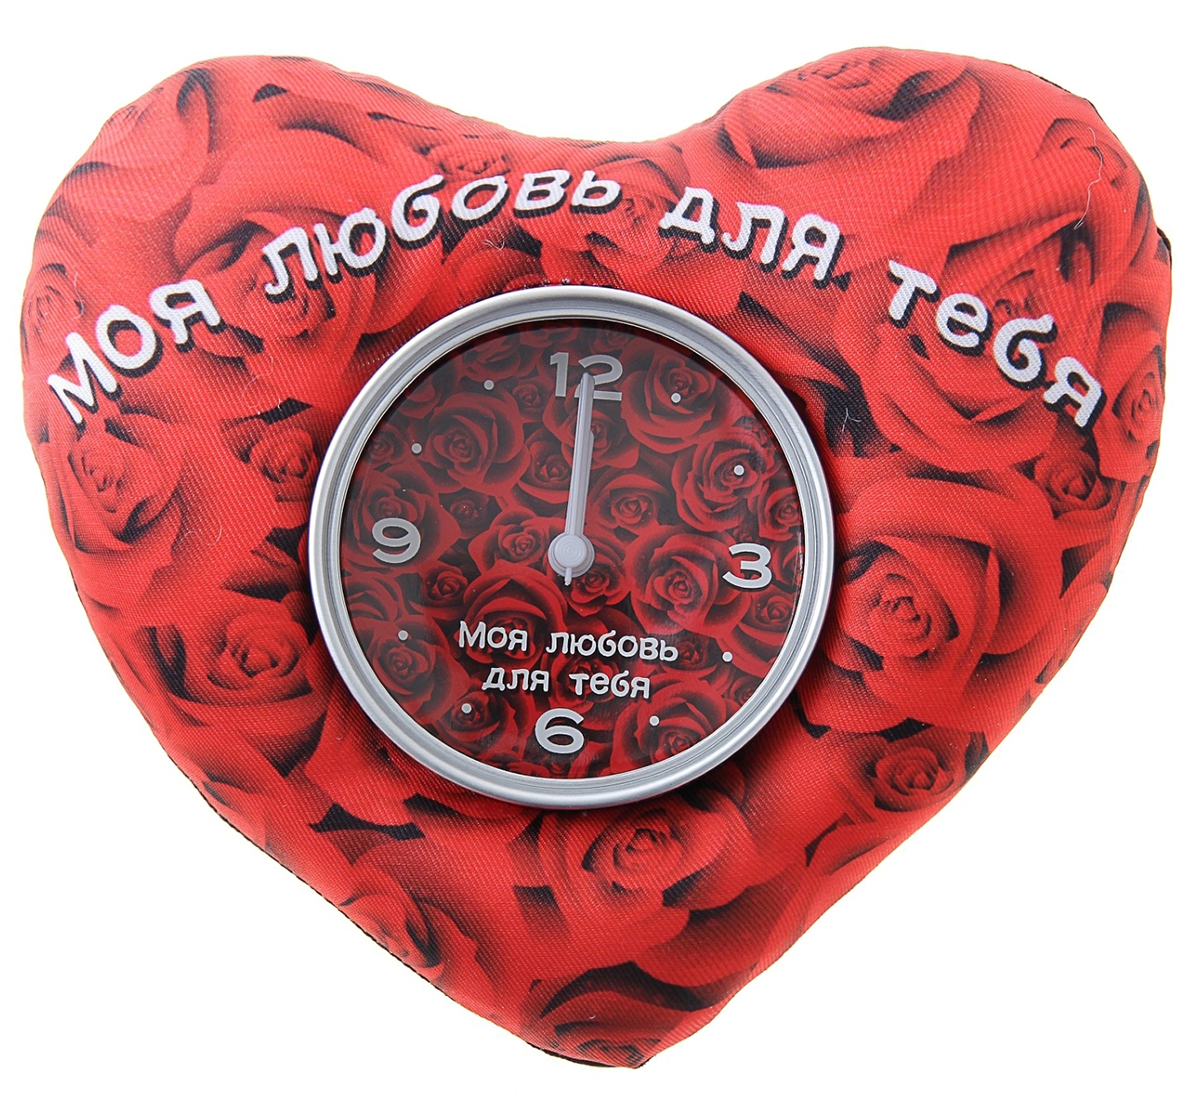 """Такого мы еще не видели! Мягкие настольные часы, которые потрясают воображение. ##Name## – это удивительной красоты подарок для любимых, который способен в полной мере выразить ваши чувства. Вторая половинка останется в восторге от такого знака внимания. В чем же преимущества этой модели? Форма Оригинальность идеи Универсальность в использовании Смелость выбора цвета при создании такого совершенства Чувственная надпись, способная сказать за вас многое Надежная подставка Удобный «читаемый» циферблат Еще сомневаетесь? Тогда вот еще несколько аргументов: часы послужат вам удобной подушкой в случае, если ожидание спутницы затянется на неопределенный срок; имея под рукой такие мягкие часики, уверяем, вы избежите жертв при скандале, ведь кидаться ими не только безболезненно, но и забавно; а на случай, если вы решили отдохнуть Часы настольные """"Моя любовь для тебя"""", магнит и подставка – идеальный вариант. Мягкую часть используйте в качестве подушки, а часы, чтобы следить за временем; также обратите внимание: мягкий «корпус» спасет часовой механизм от всех ударов судьбы. Представьте лицо любимого человека, когда он будет принимать от вас такой знак внимания. Мы вас уверяем, без улыбки и слов благодарности здесь не обойдется. Поэтому спешите, заказывайте Часы настольные """"Моя любовь для тебя"""", магнит и подставка прямо сейчас и спешите на свидание к любимому человеку."""